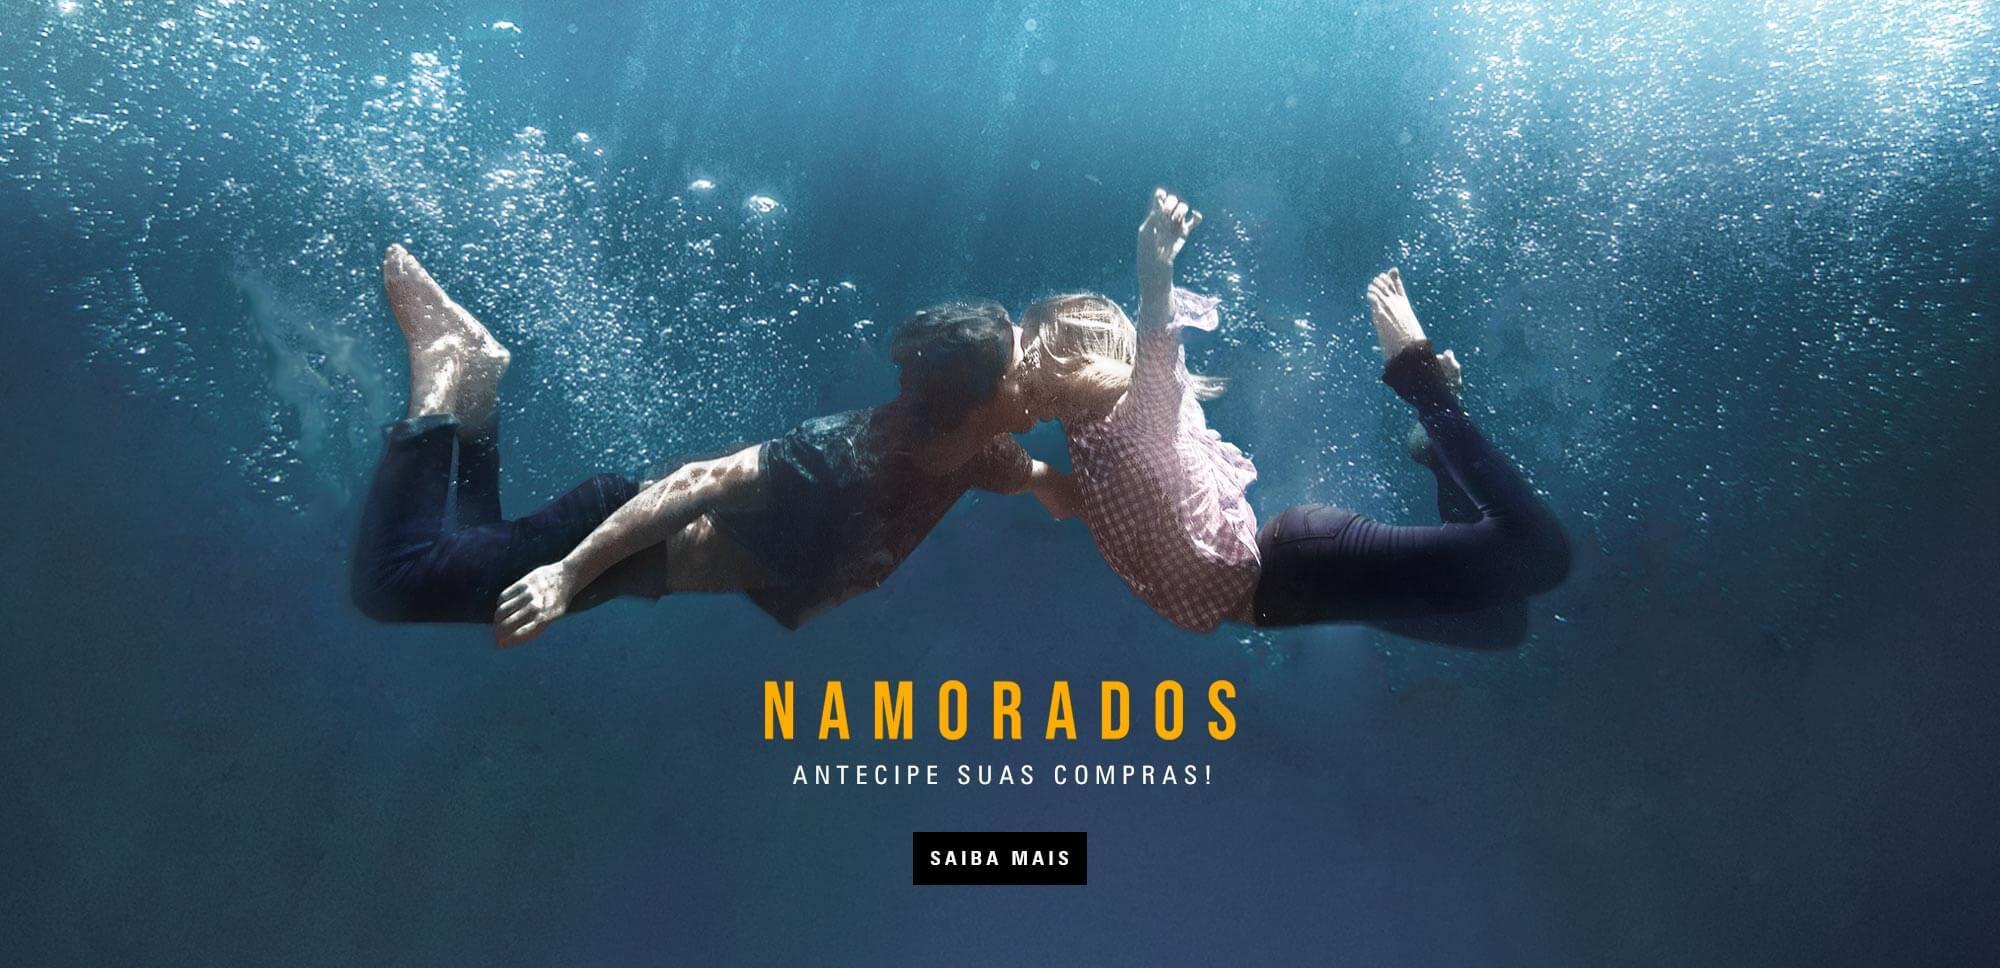 NAMORADOS - antecipe